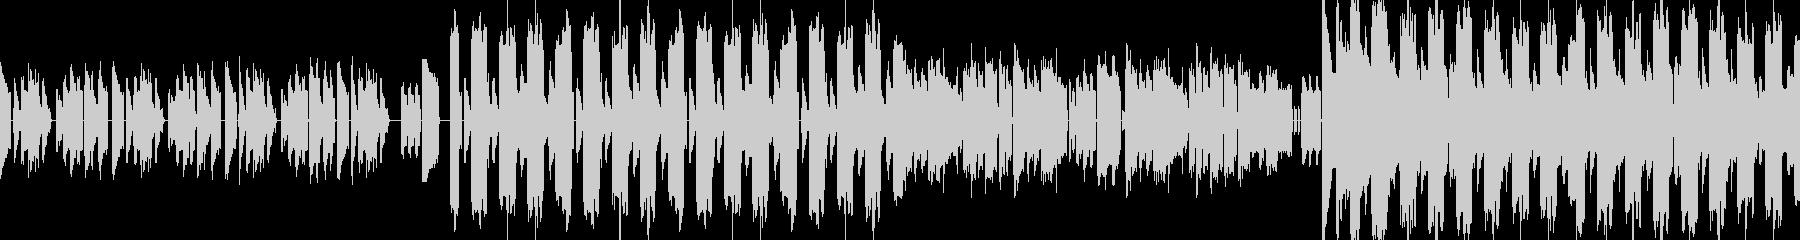 緊迫感のあるデジロック風エレクトロの未再生の波形